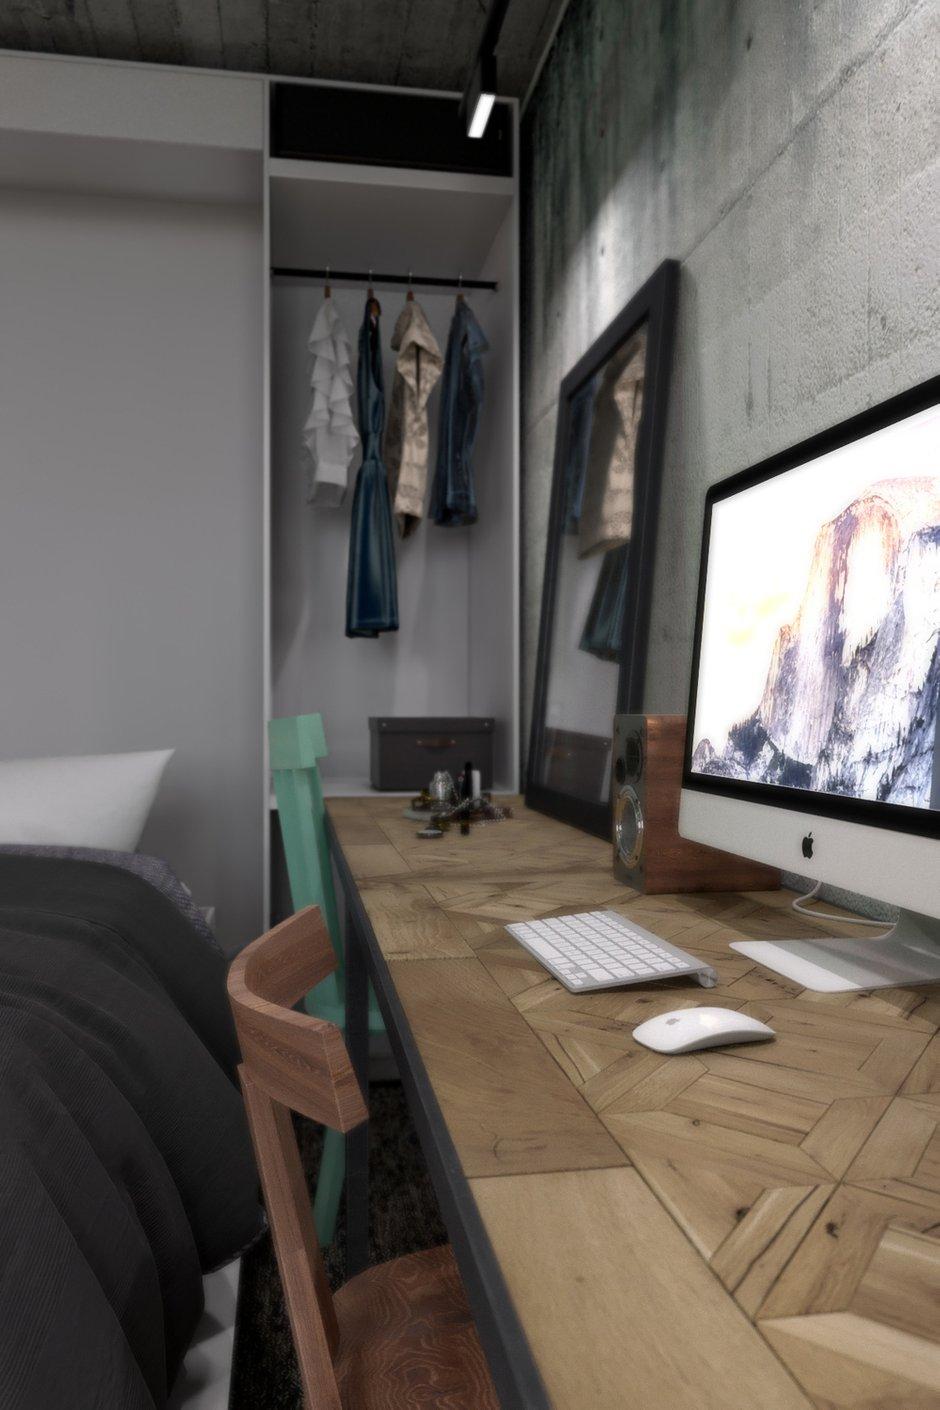 Фотография: Спальня в стиле Лофт, Квартира, Студия, Проект недели, Мебель-трансформер, Новая Москва, новостройка, Роман Плюснин, ЖК «Татьянин Парк» – фото на INMYROOM